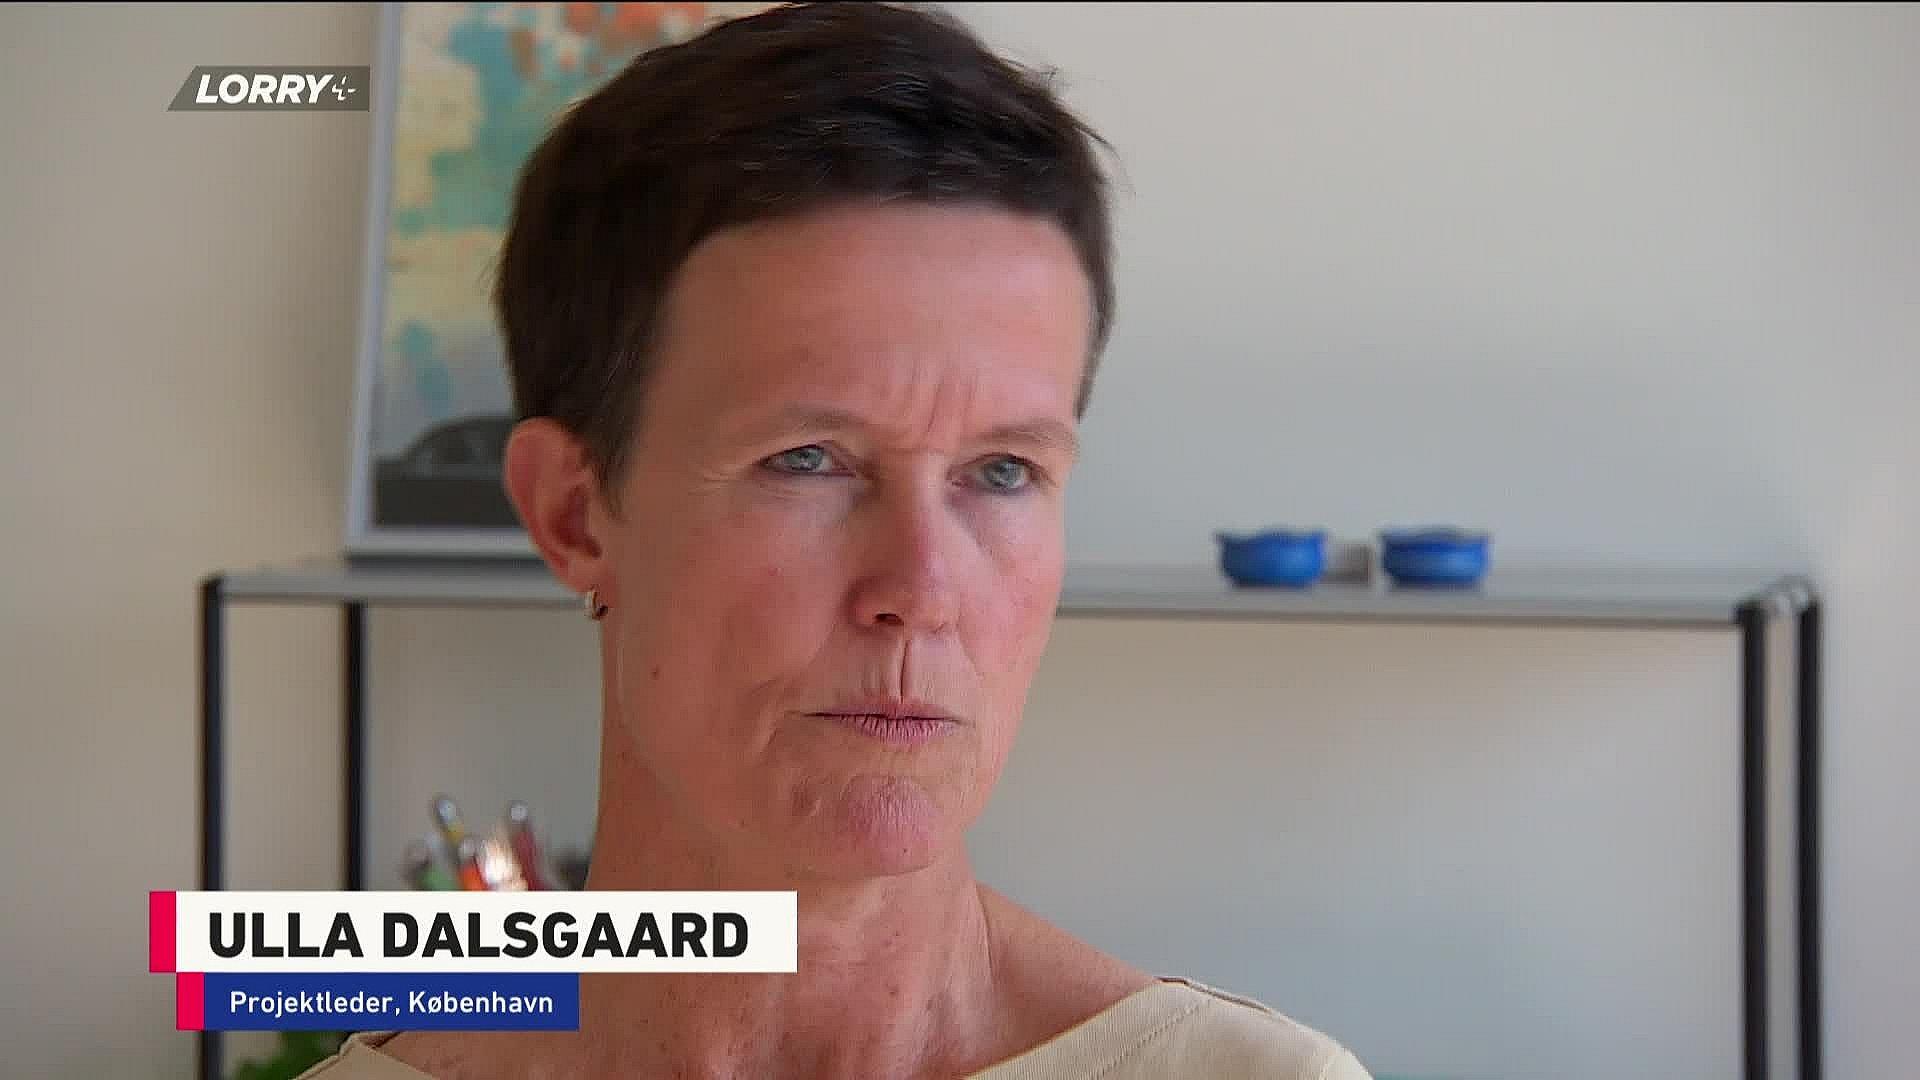 Ulla er lesbisk: - Jeg måtte skifte job for at springe ud